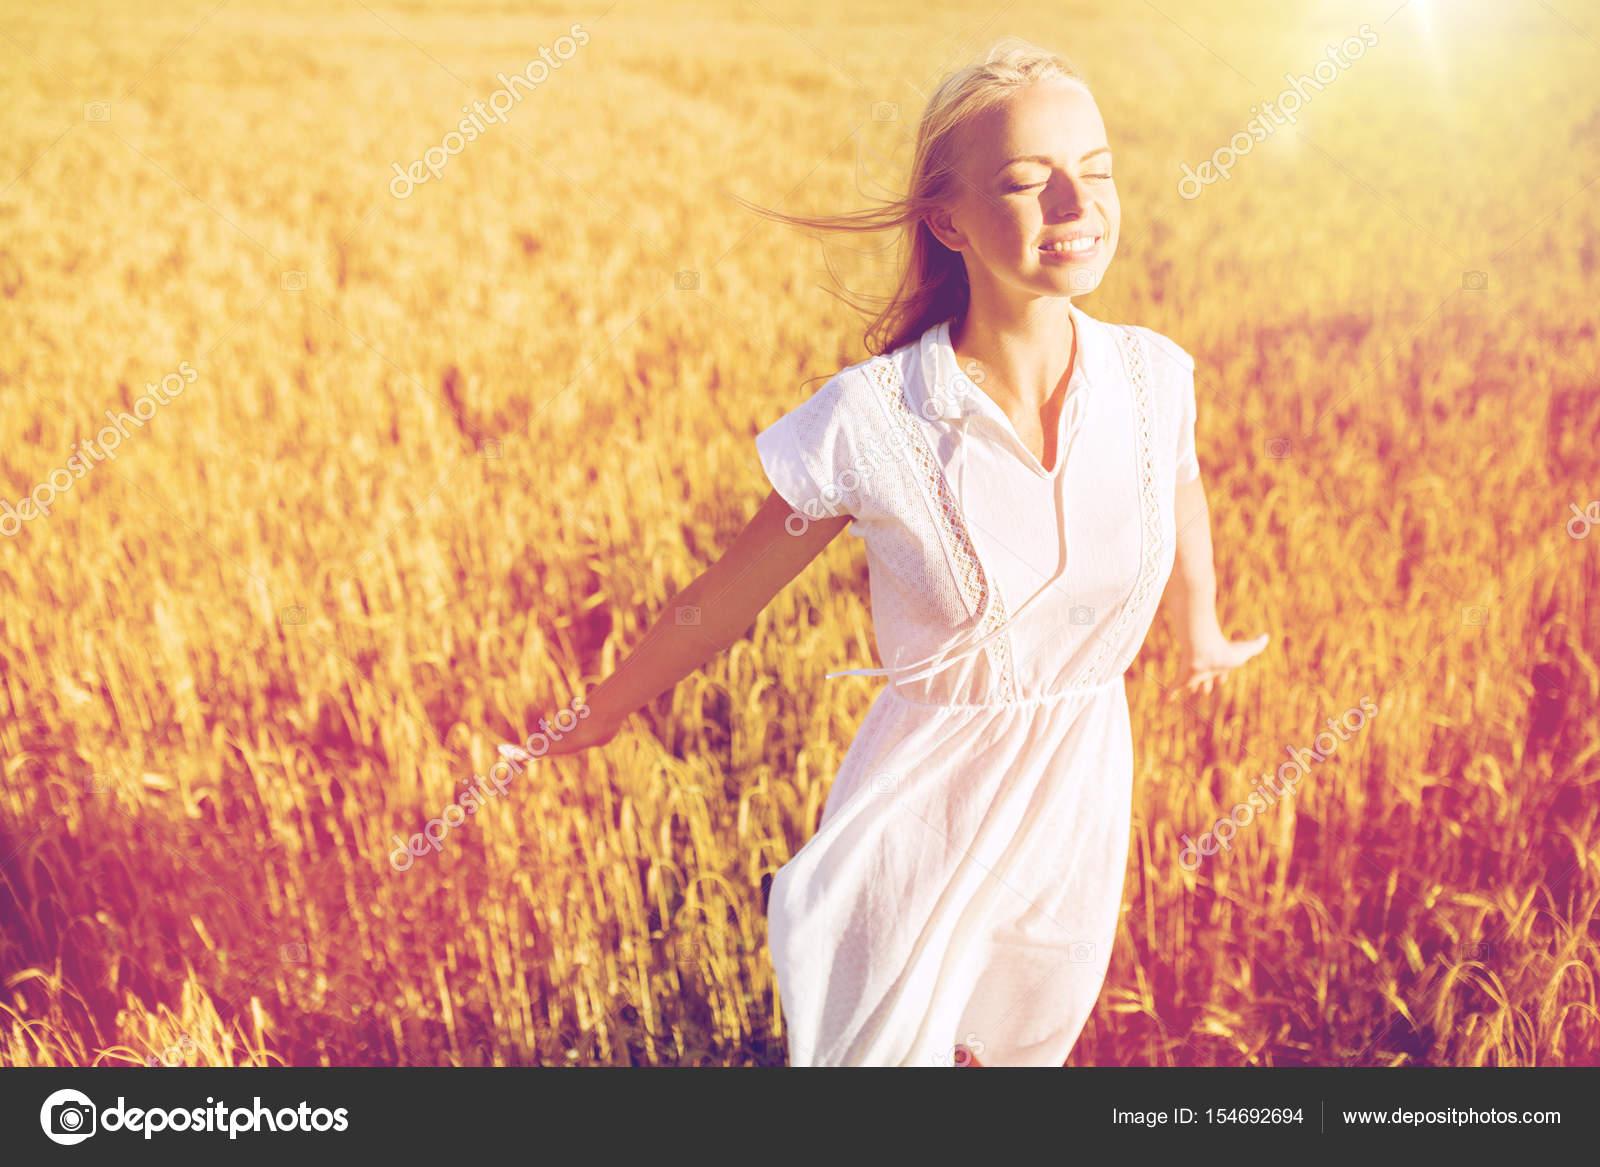 Feld lächelnde Kleid Getreide Frau im auf junge Stockfoto weißen bf76yYg